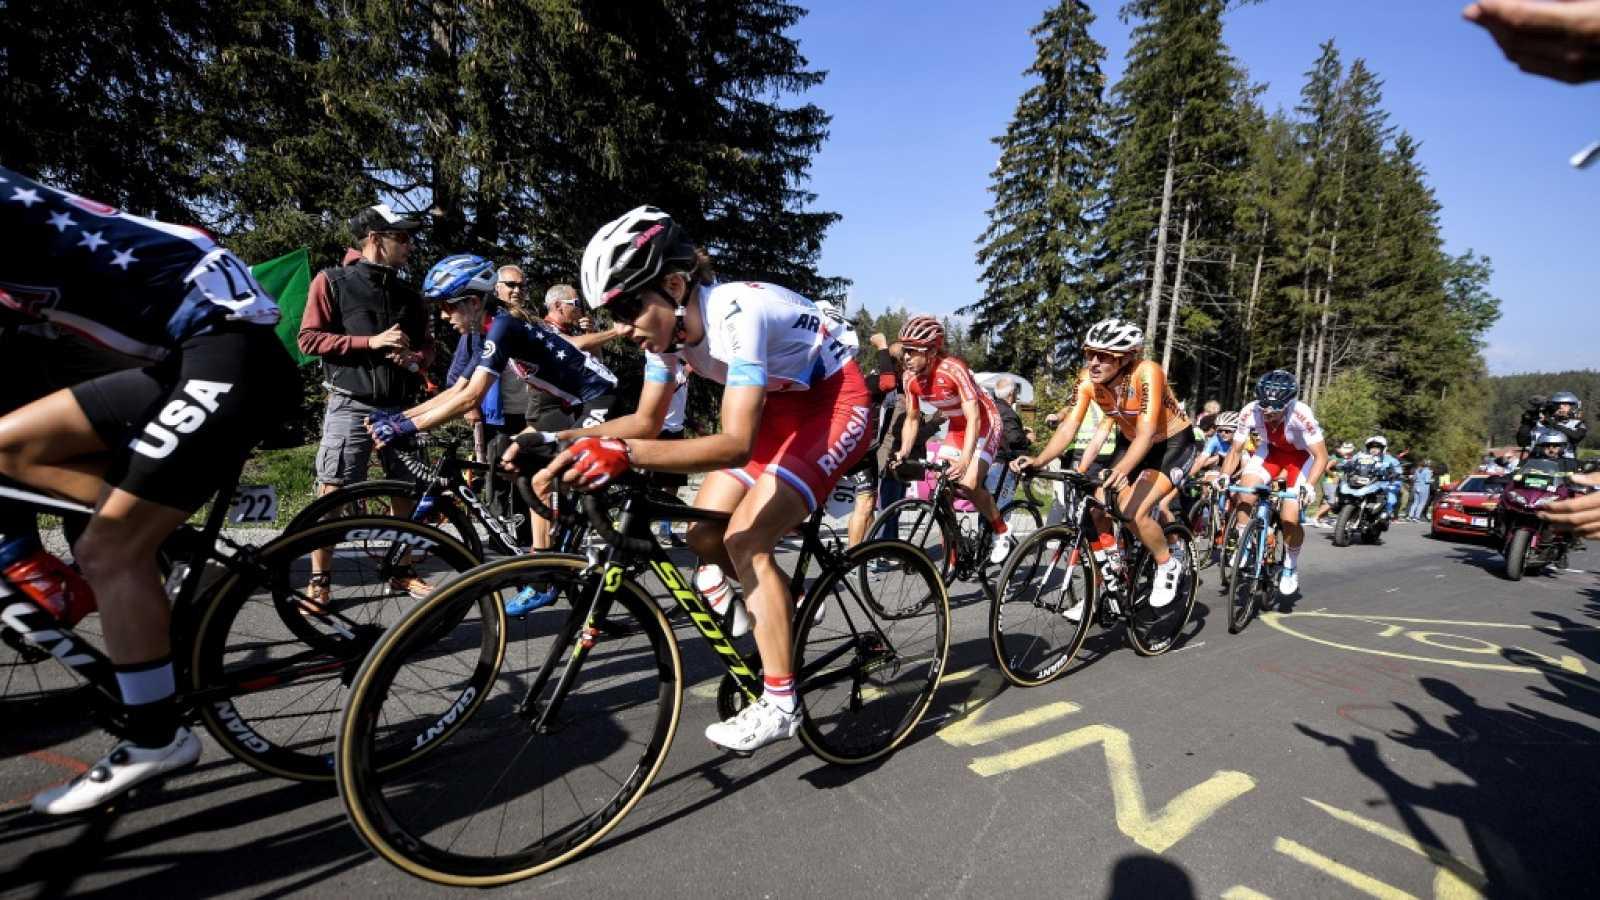 Ciclismo - Campeonato del Mundo en Ruta. Prueba Ruta Élite Femenina, desde Innsbruck (Austria)